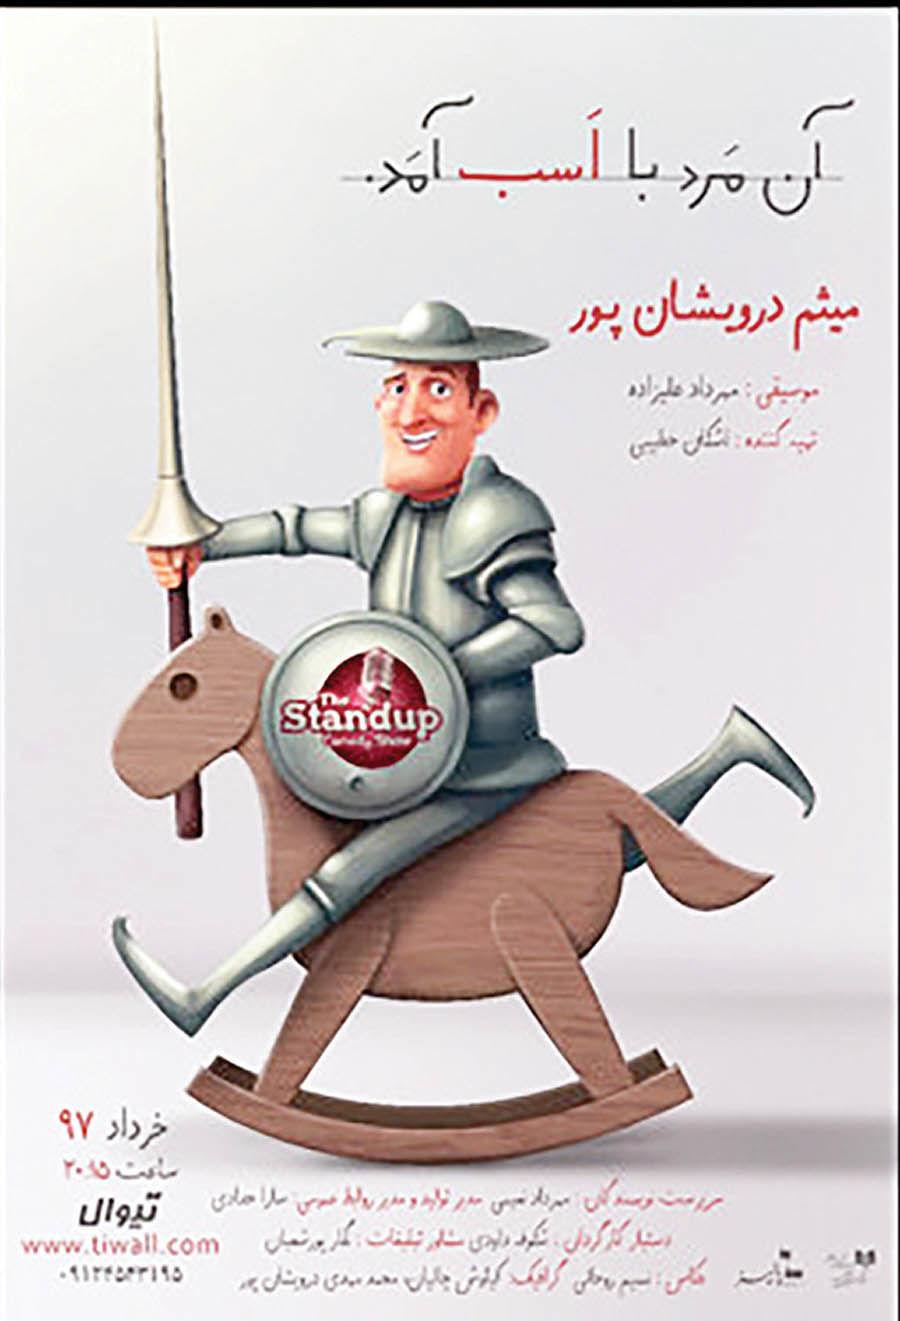 اجرای استندآپ کمدی به کارگردانی اشکان خطیبی